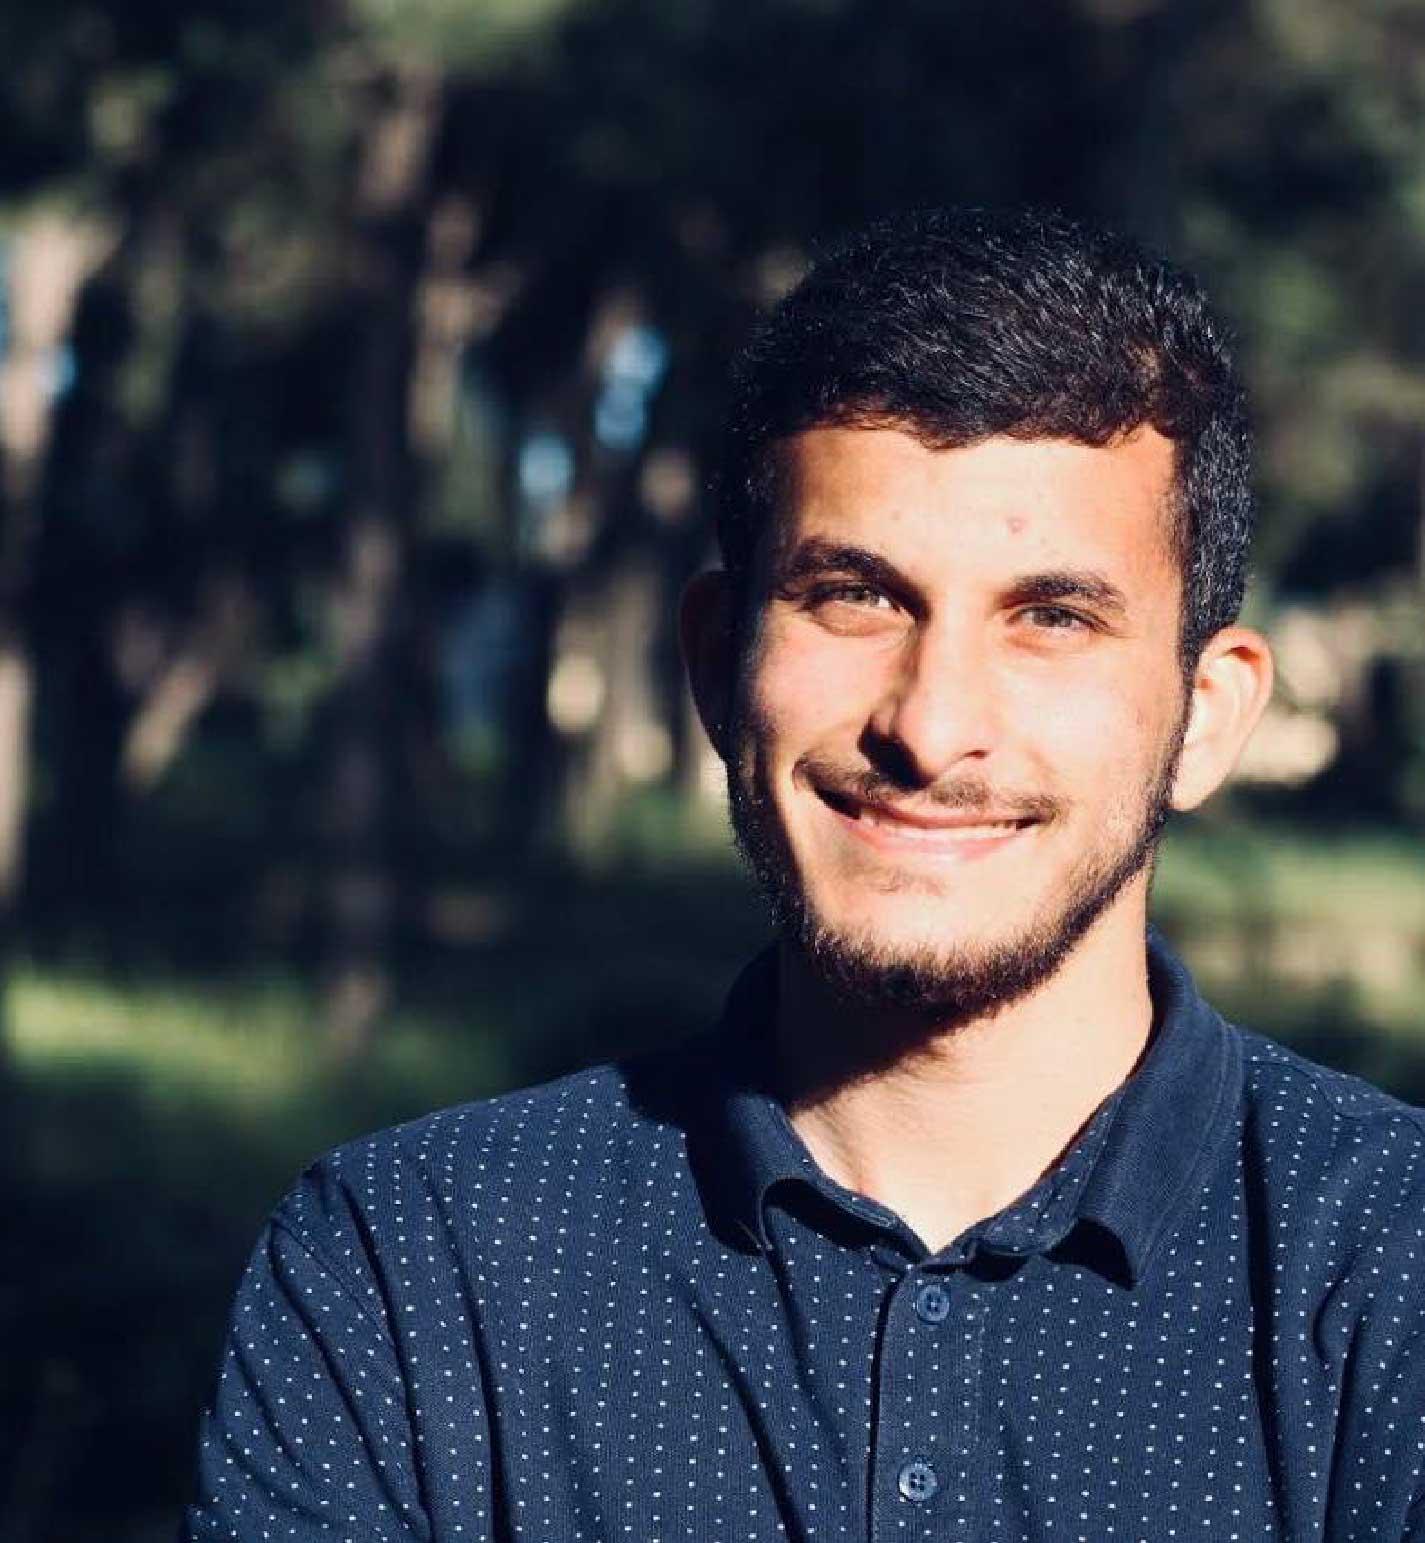 Omar AbdulAal Awad